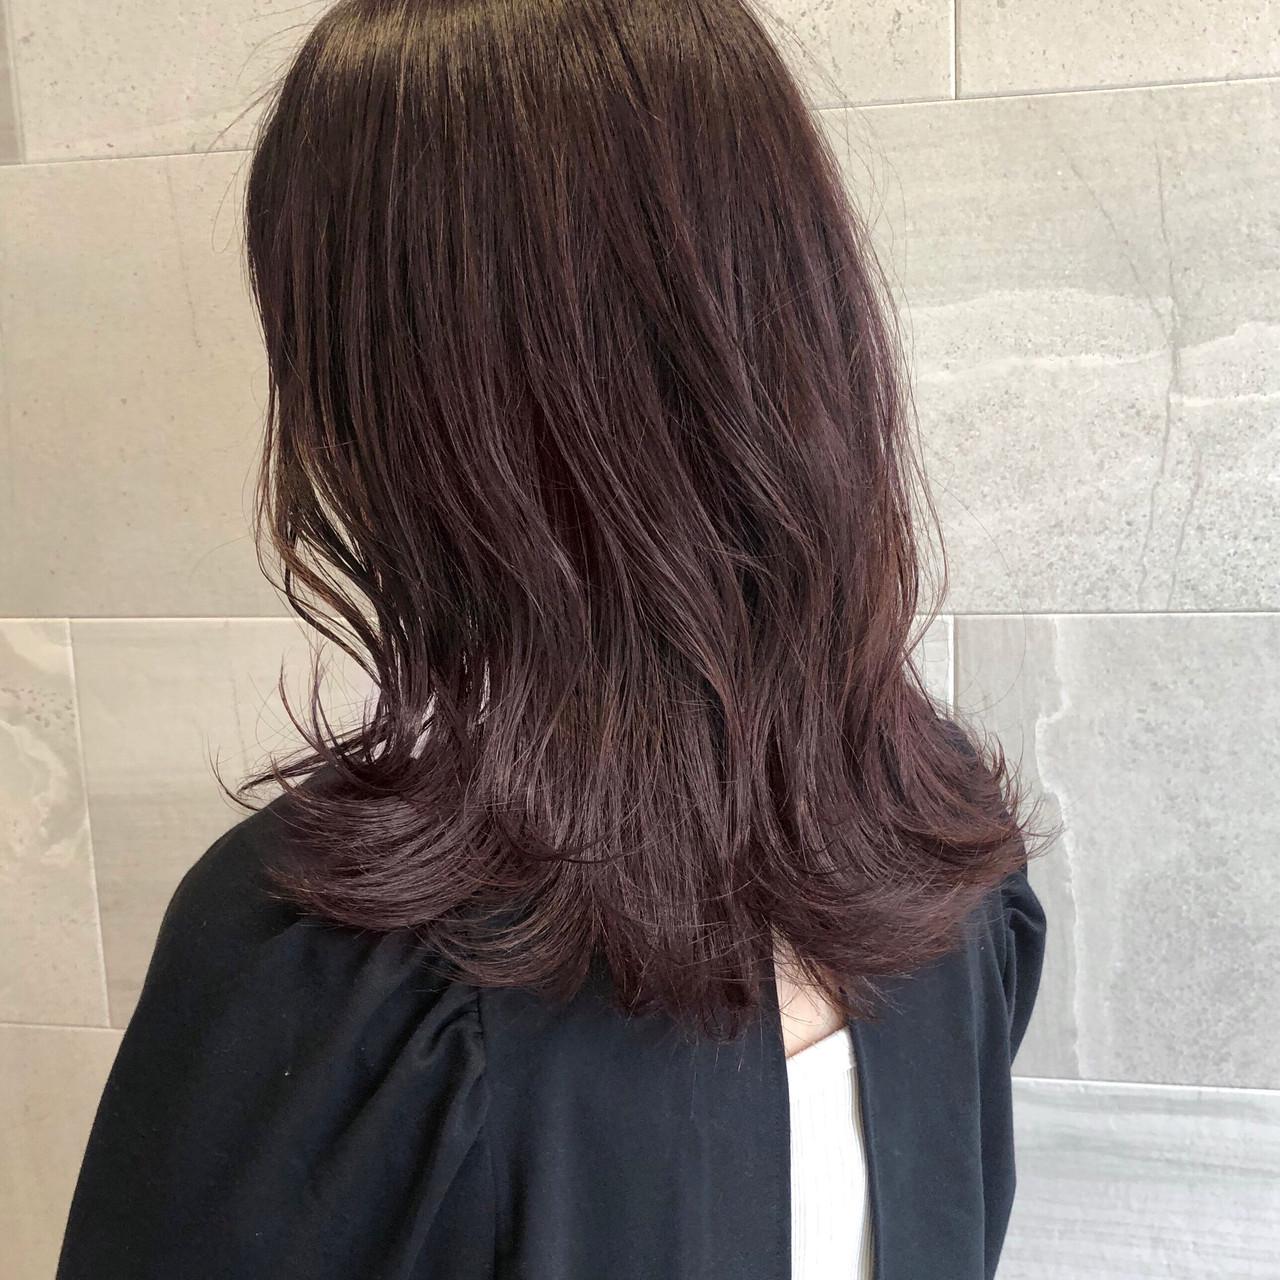 ナチュラル アンニュイ ピンク ピンクベージュ ヘアスタイルや髪型の写真・画像